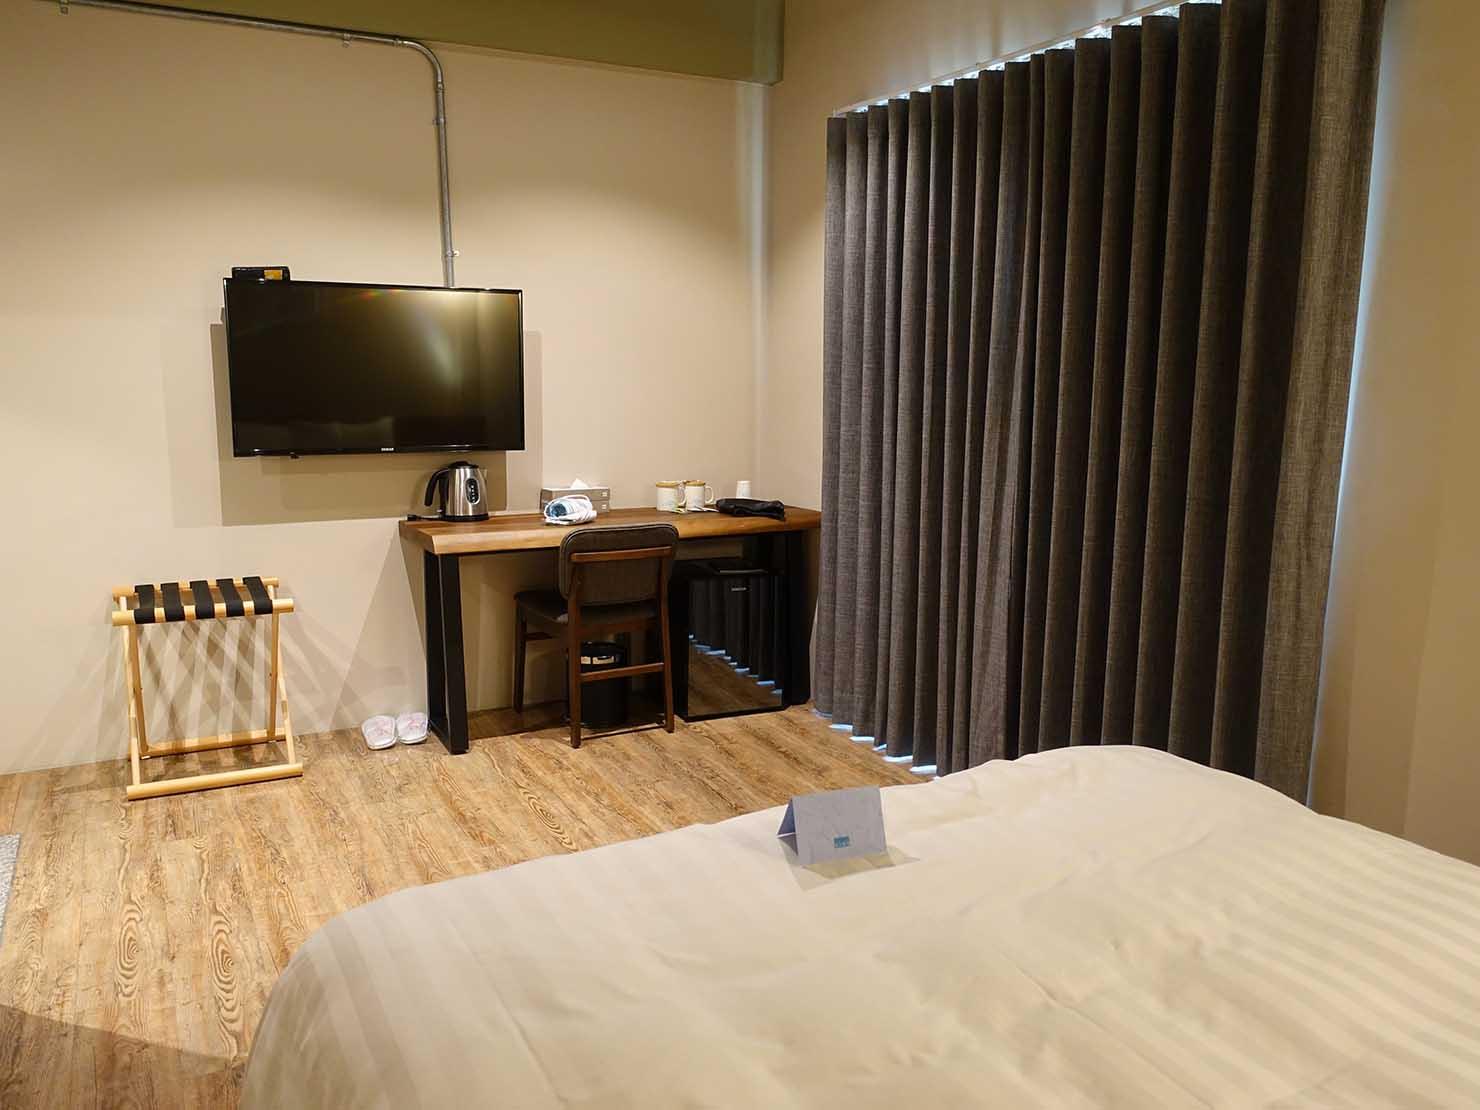 台南駅徒歩10分のかわいいデザインホテル「南方家屋 Old School」休閒雙人房(レジャーダブル)ベッド側から見た部屋の様子